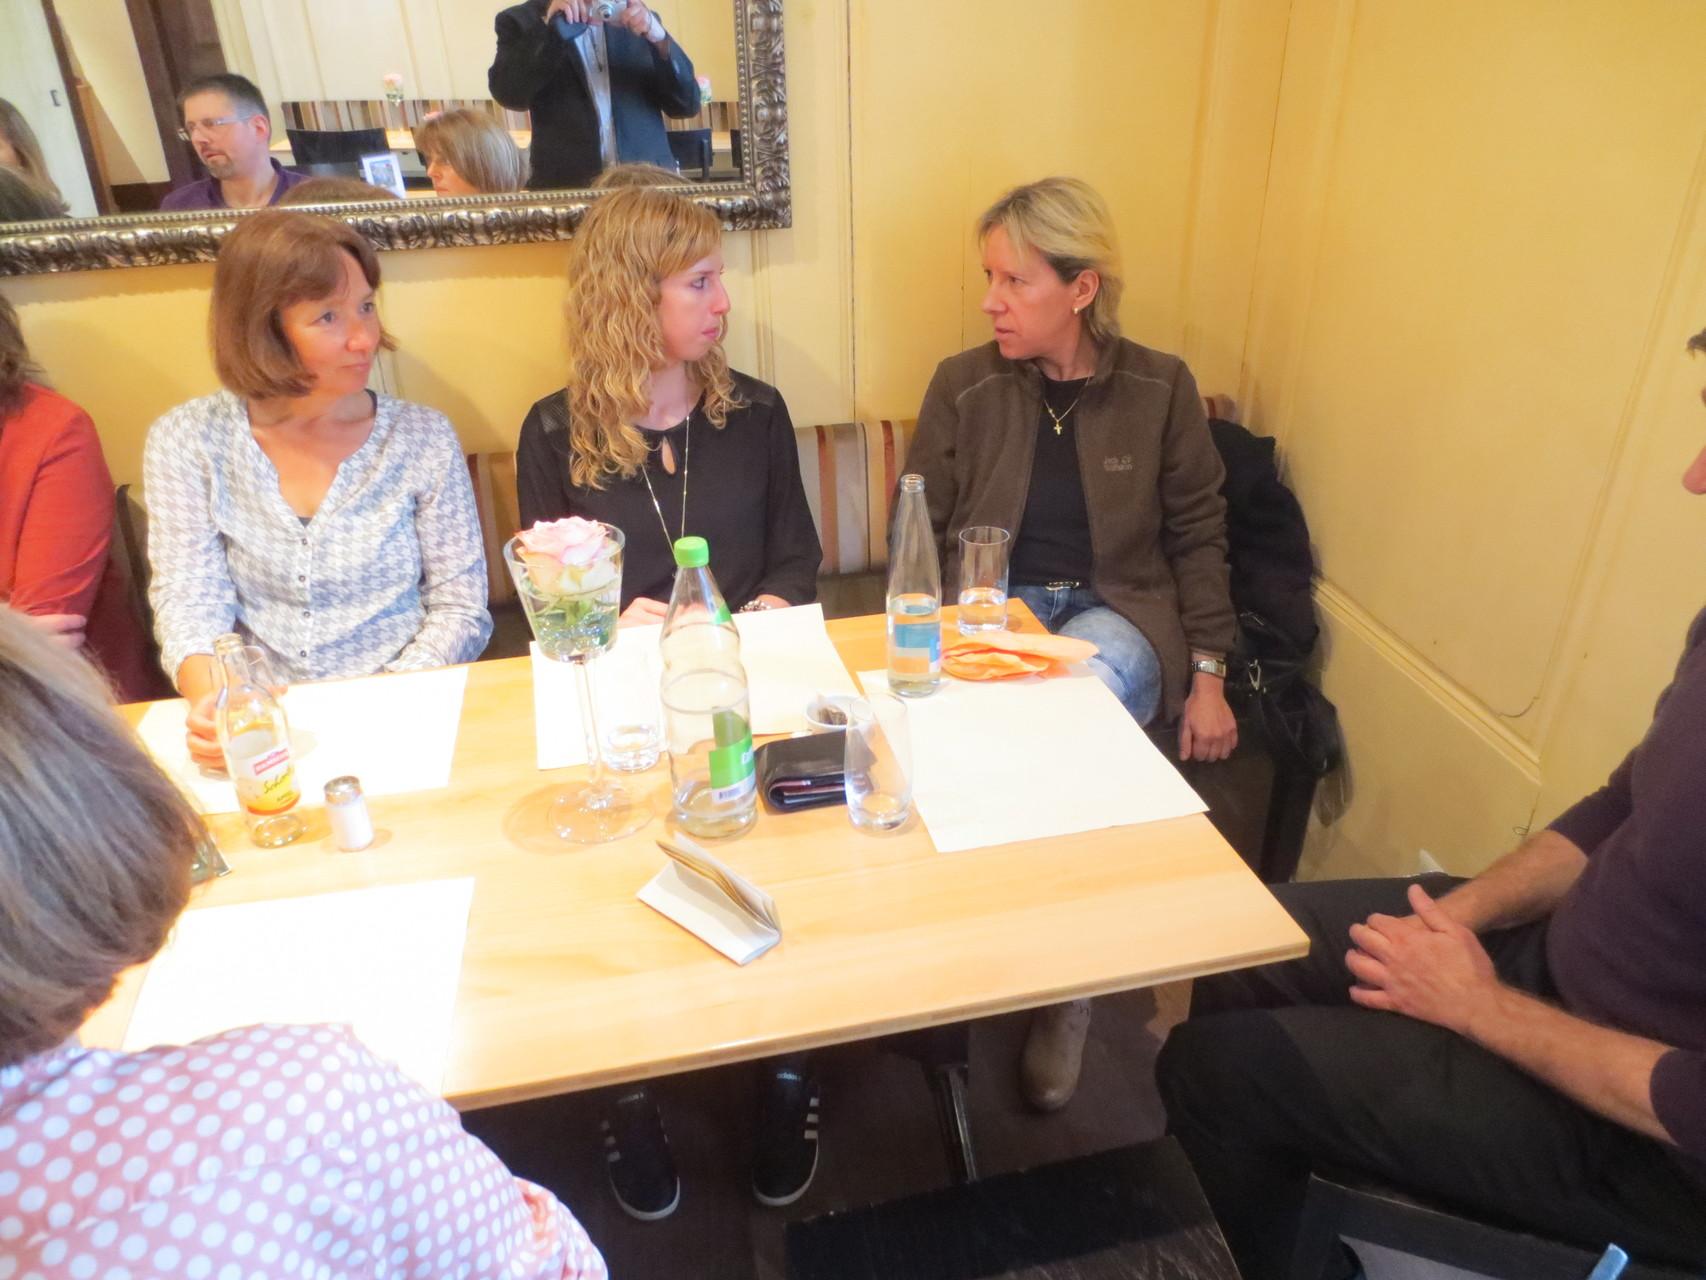 VDSV-Business-Lunch: Fachsimpeln nach dem Mittagessen